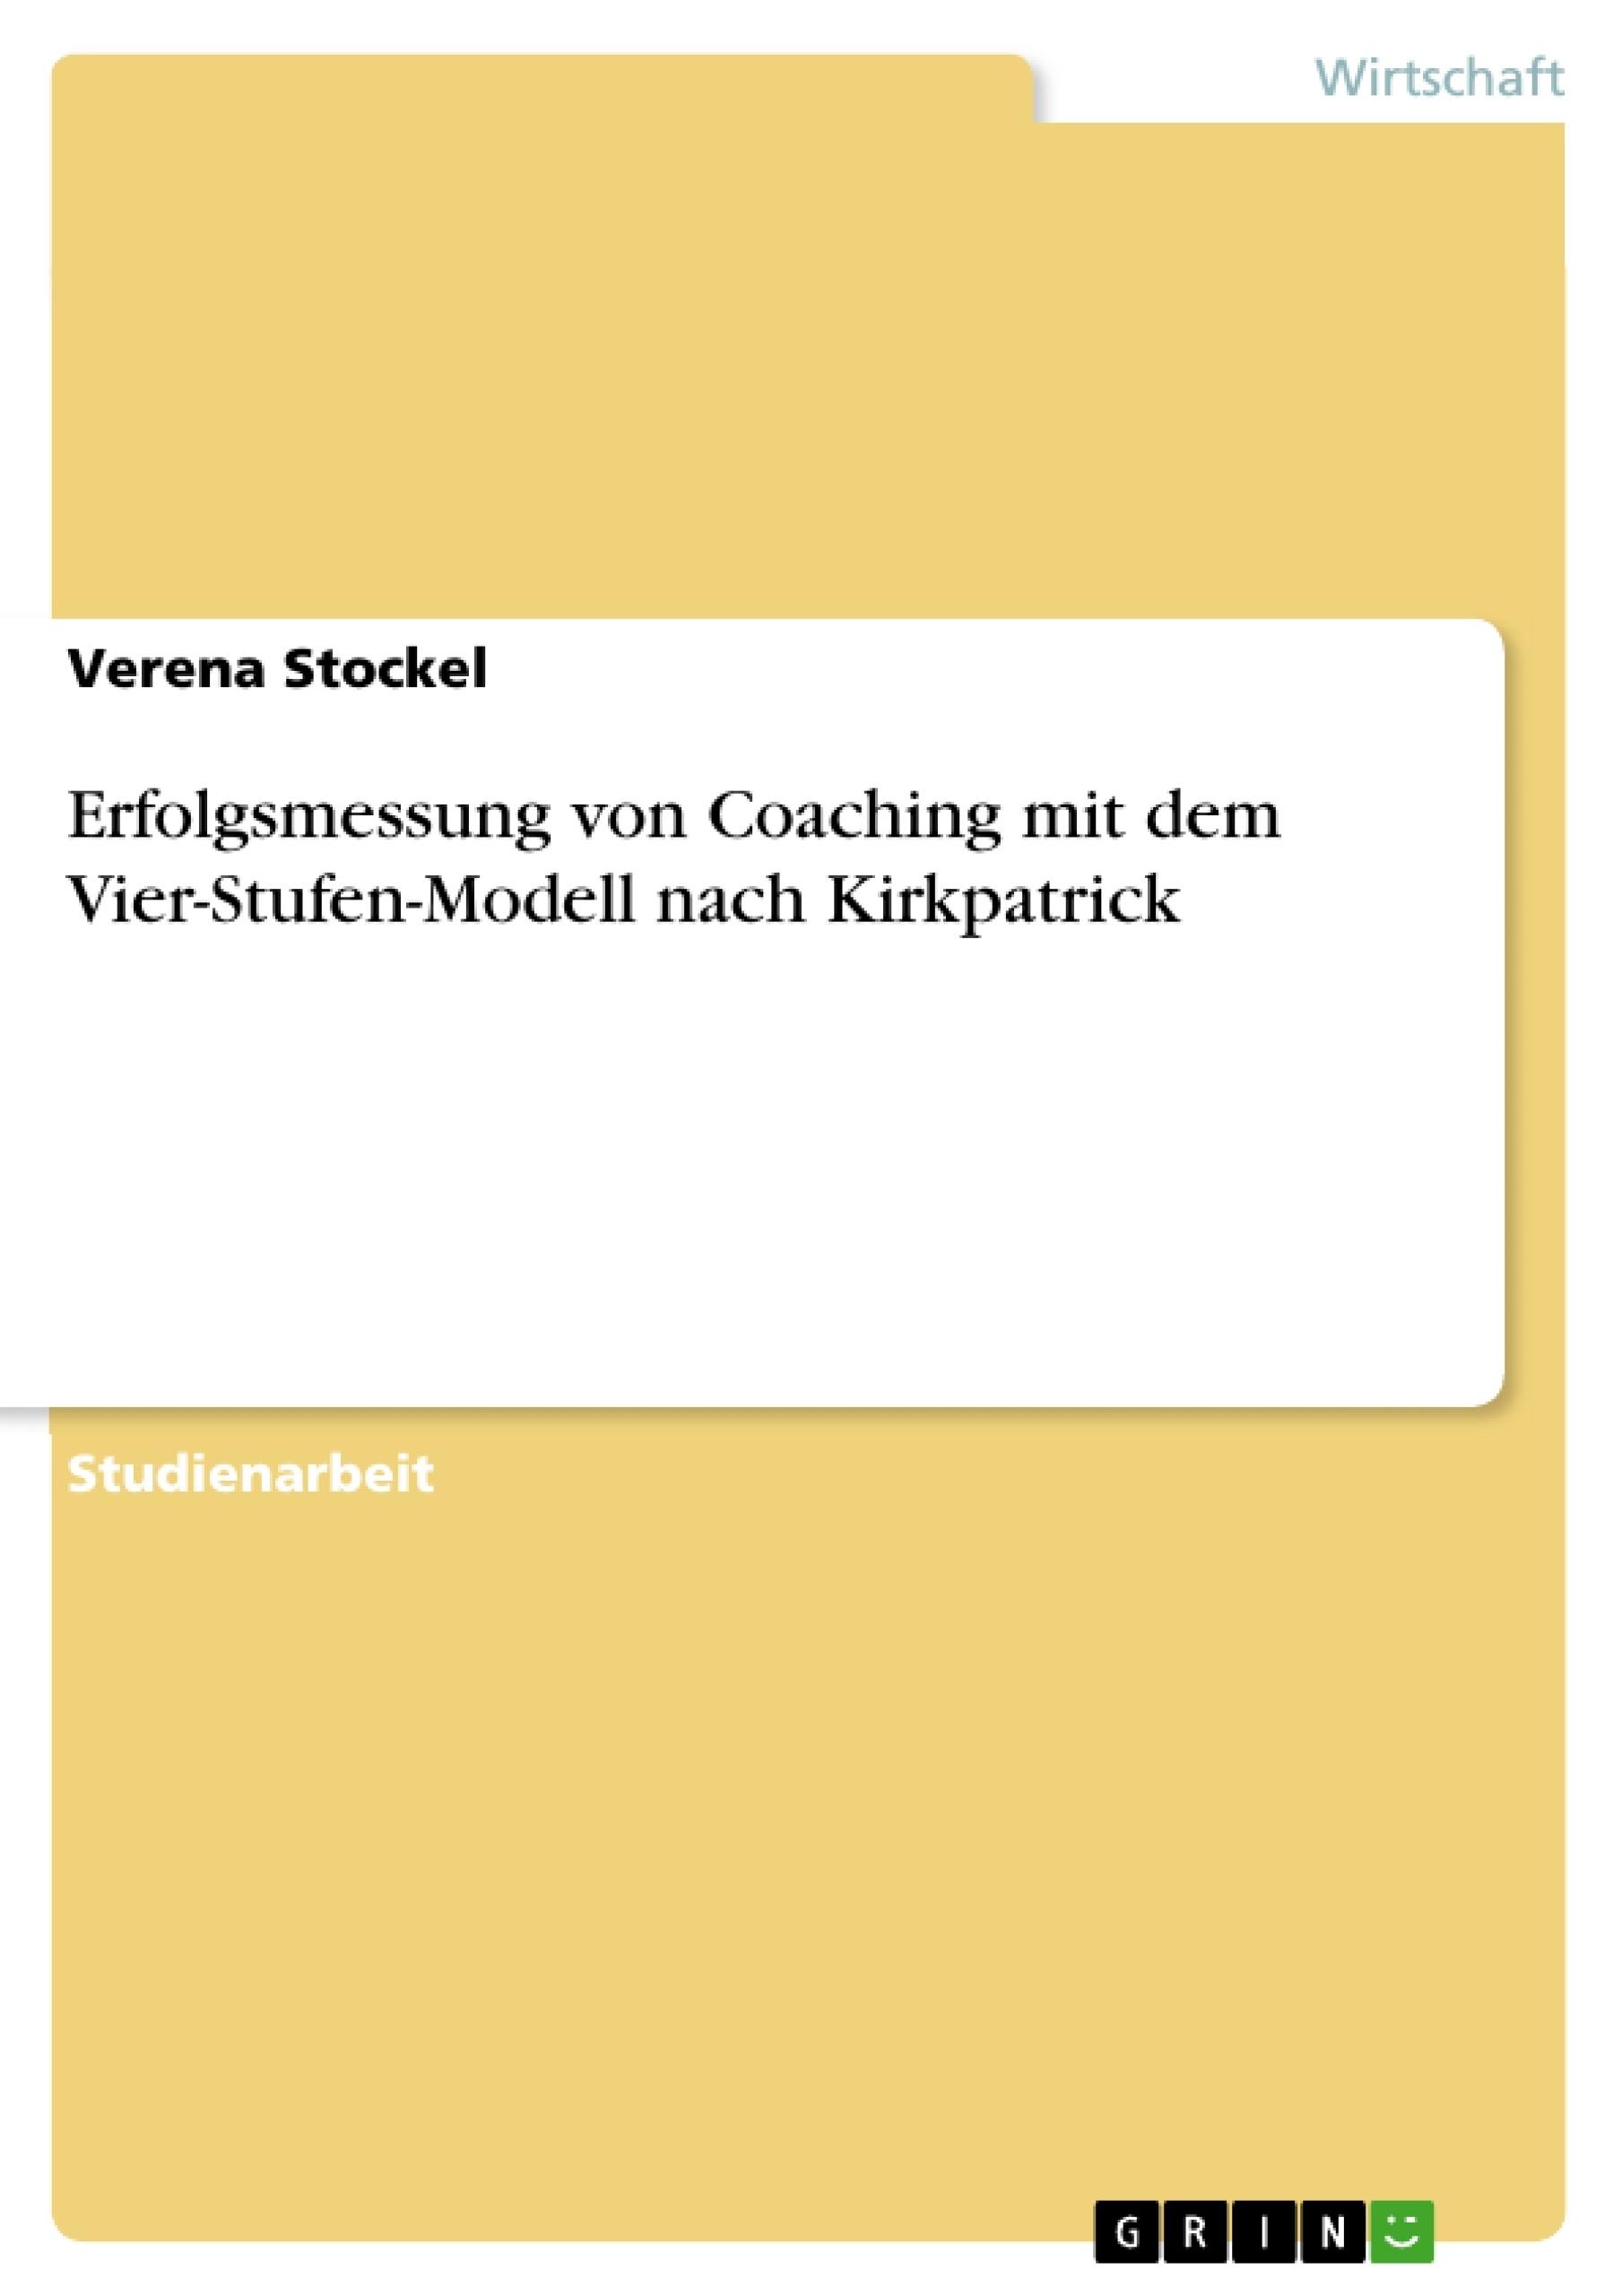 Titel: Erfolgsmessung von Coaching mit dem Vier-Stufen-Modell nach Kirkpatrick